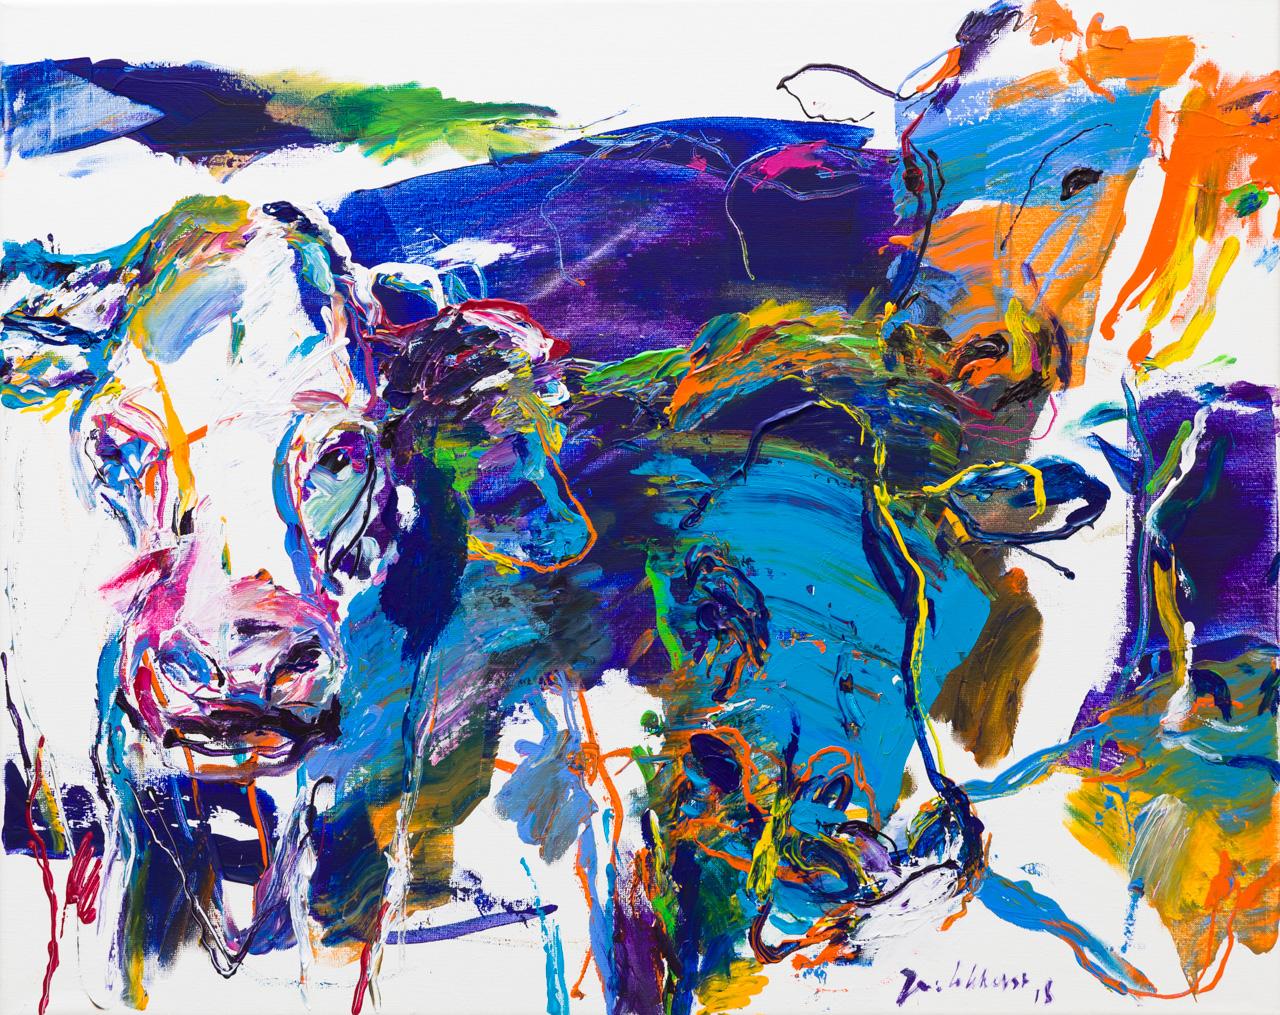 Gekleurde koeien schilderij